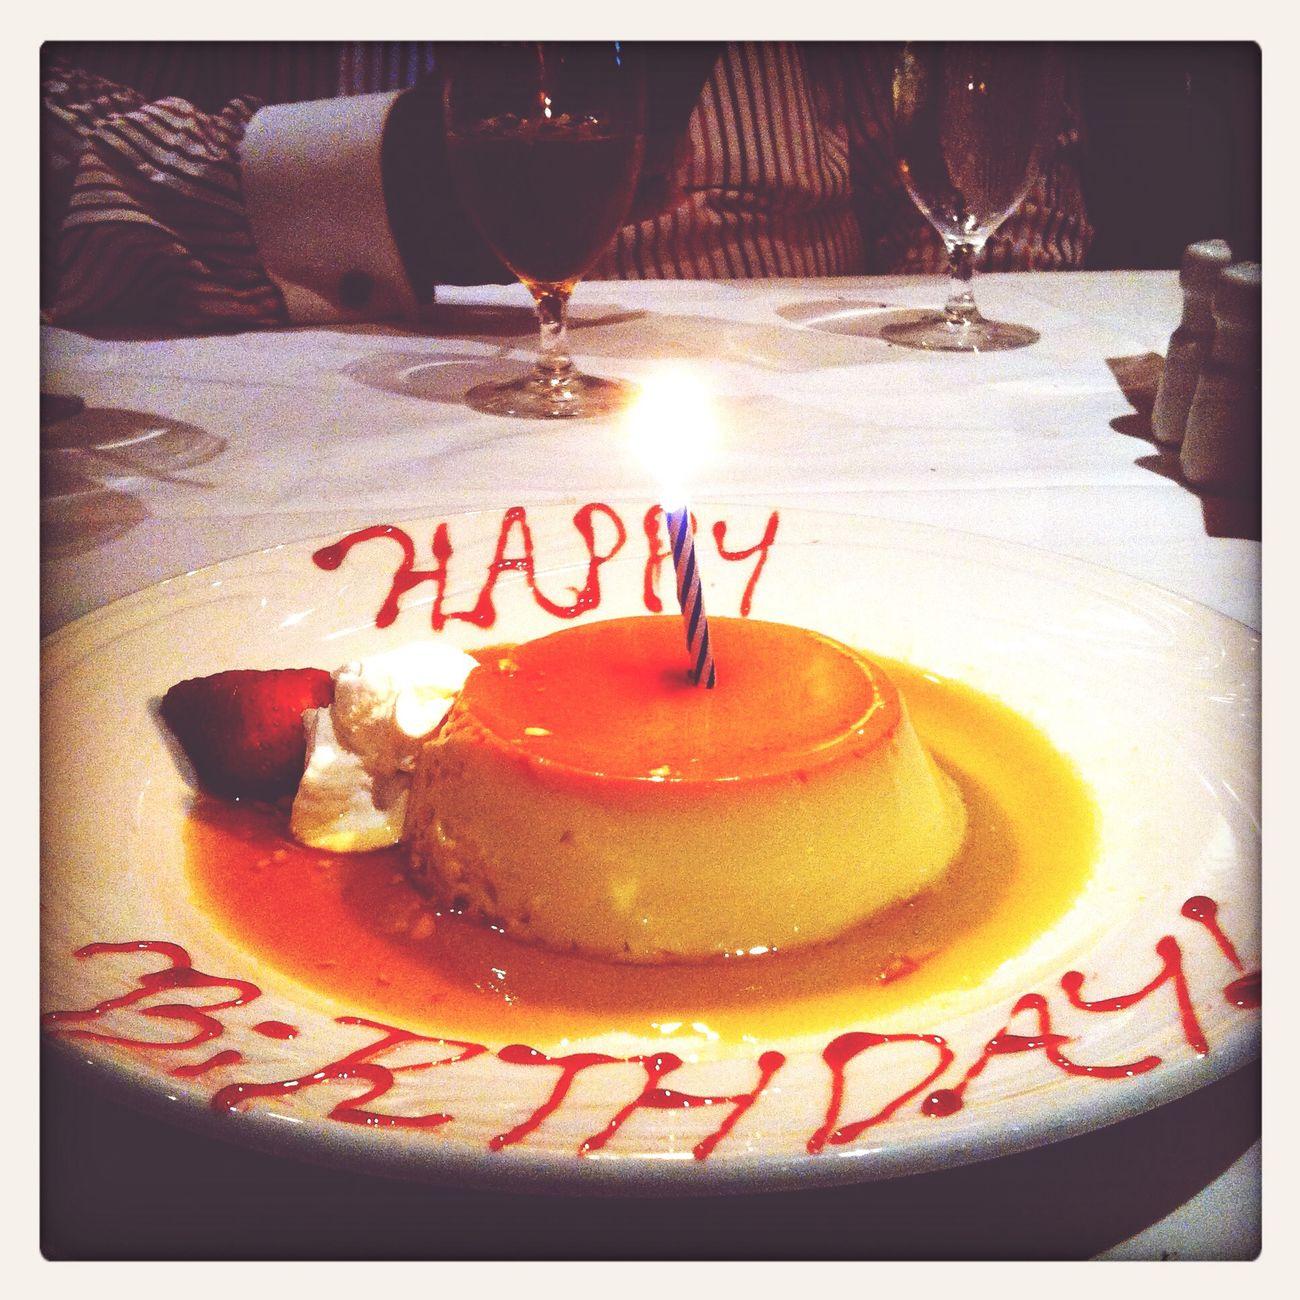 el flan para mi cumpleaños